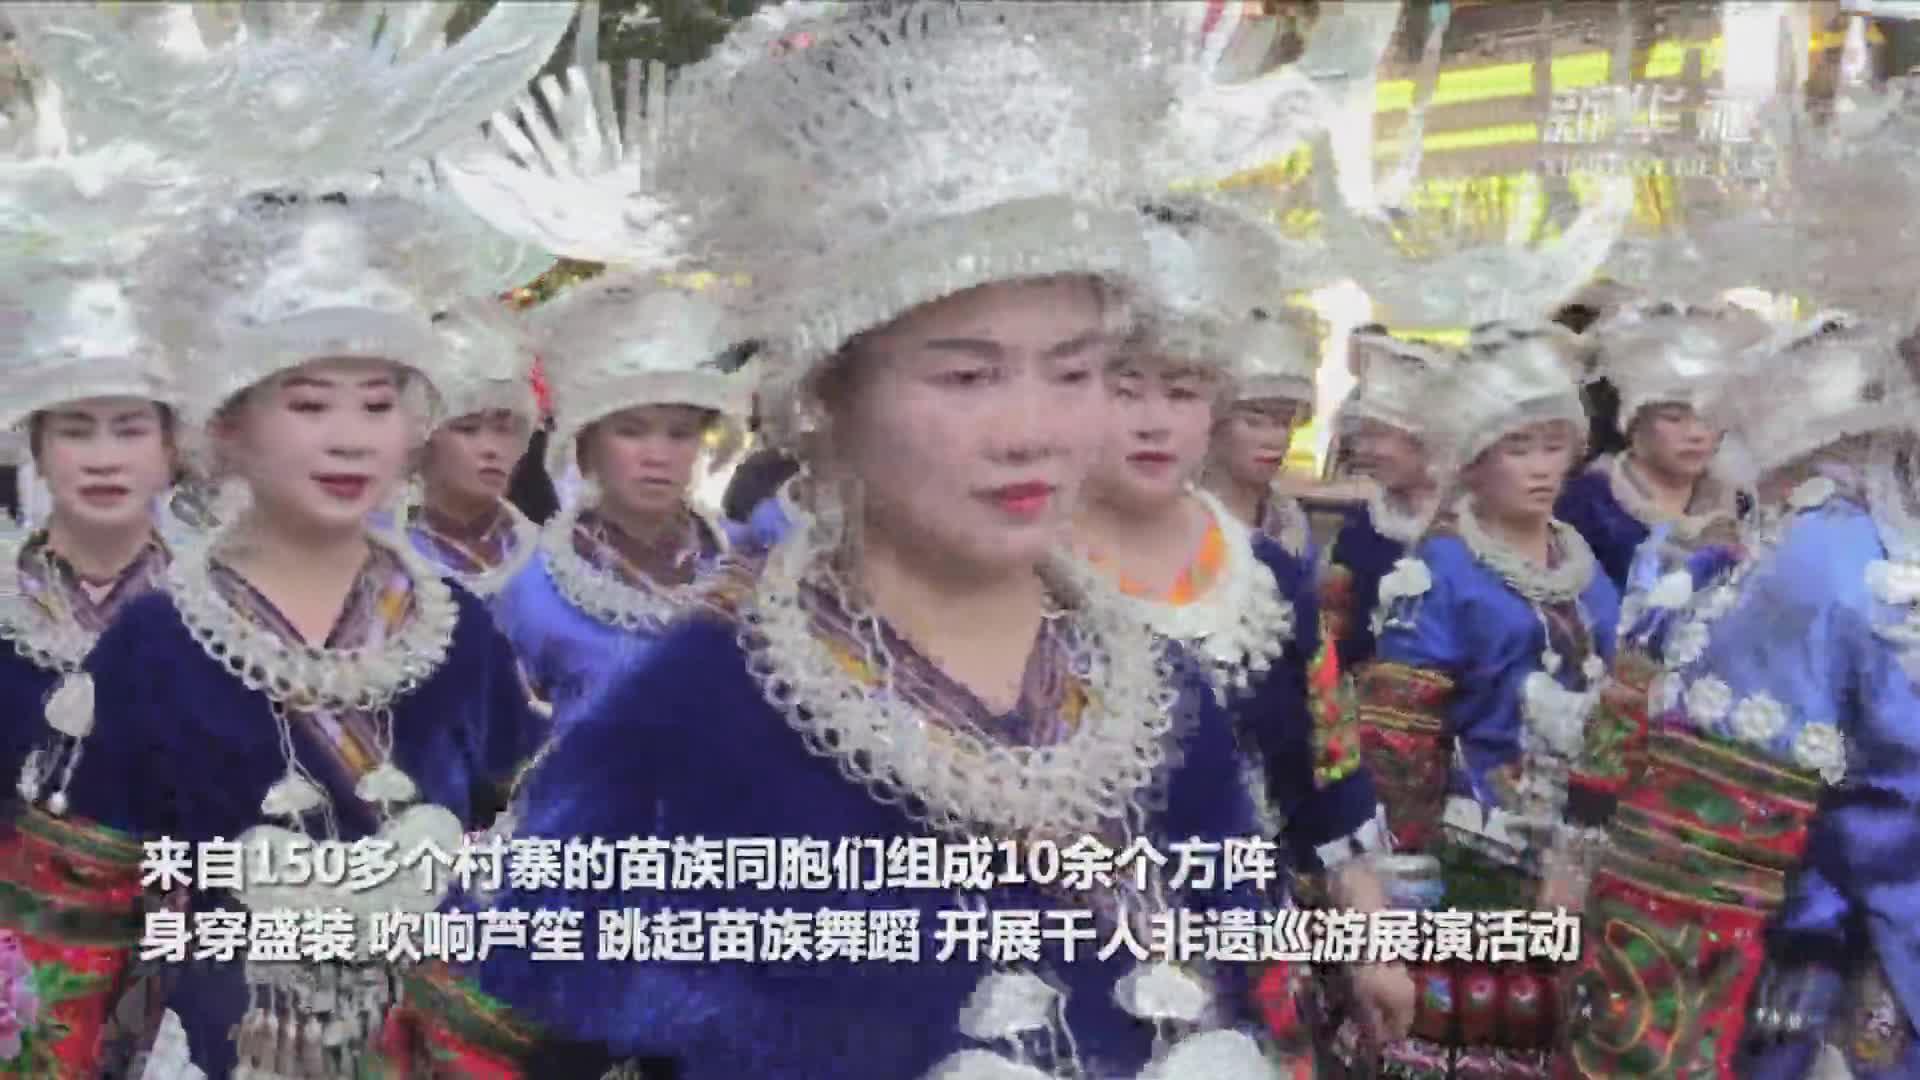 吹起芦笙唱起歌!贵州雷山欢庆苗年节